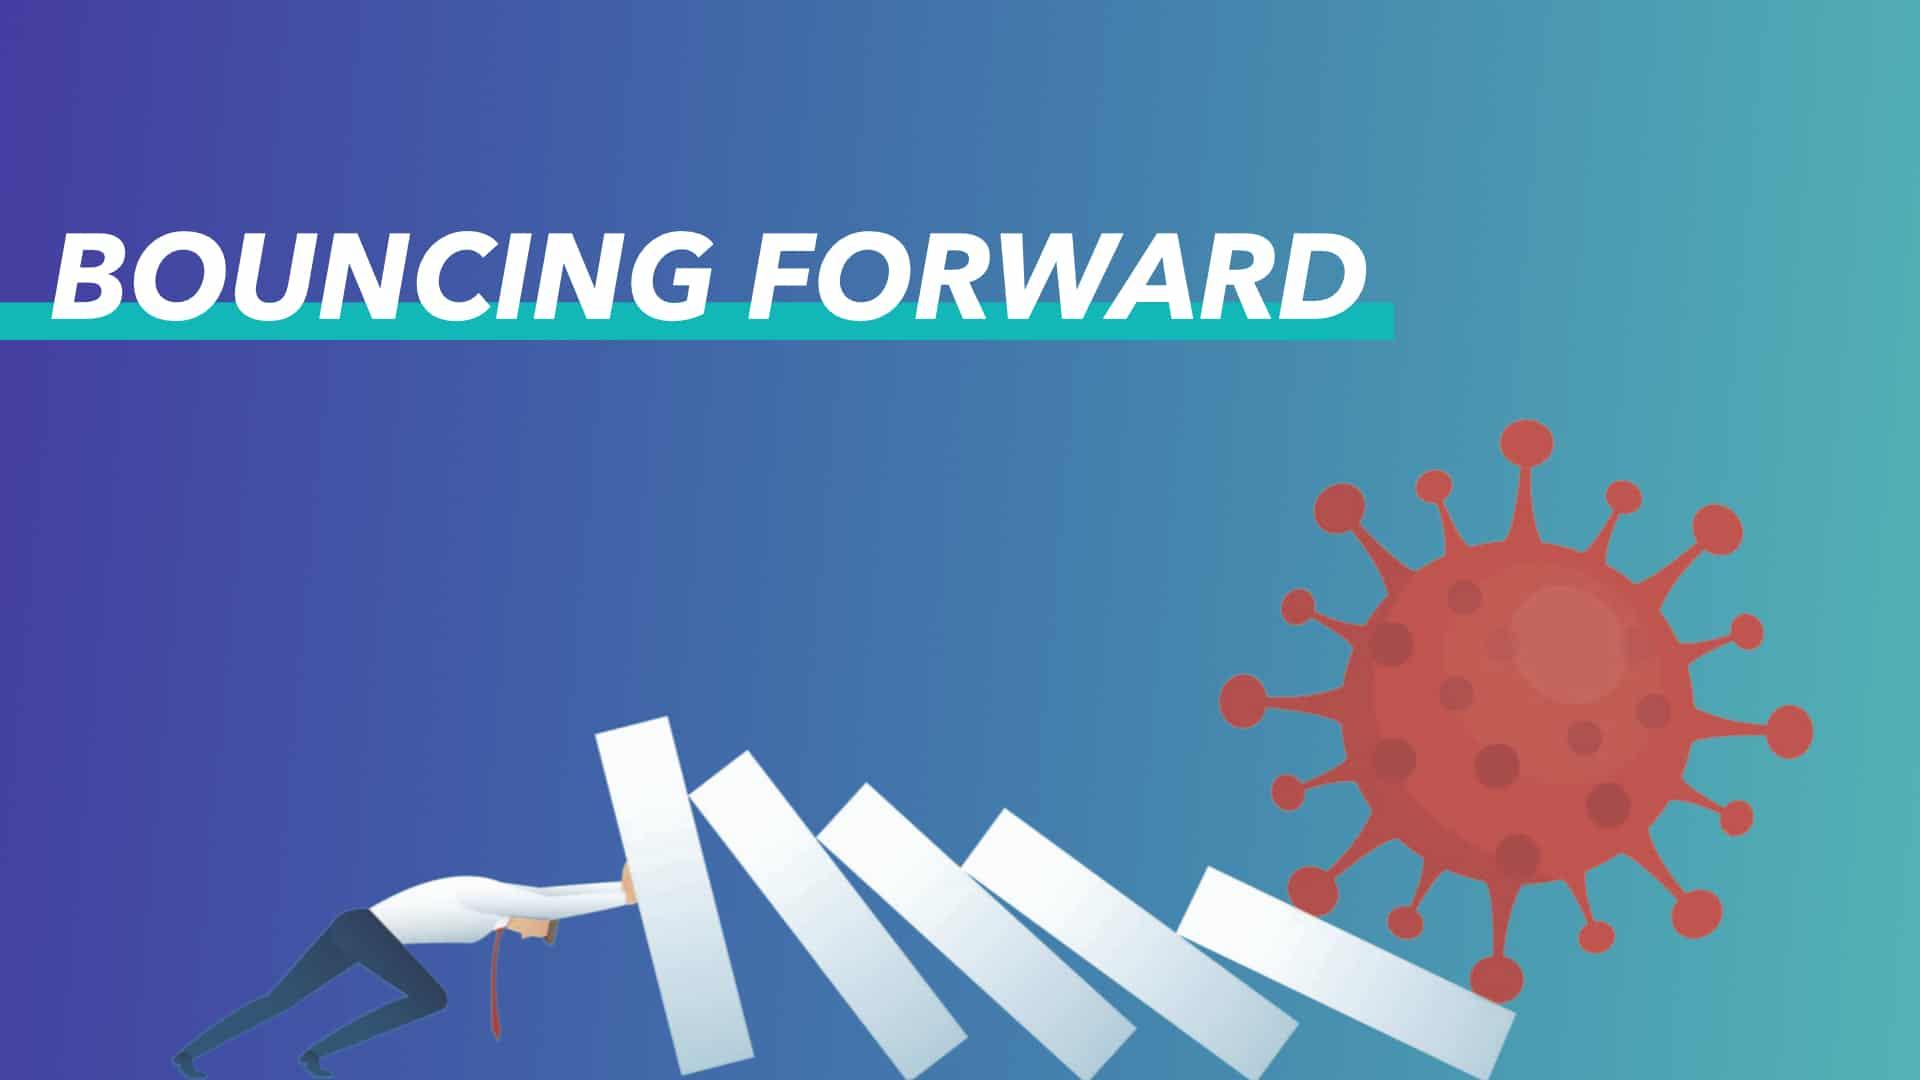 Bouncing Forward: een hele maand gratis veerkrachtige inspiratiesessies